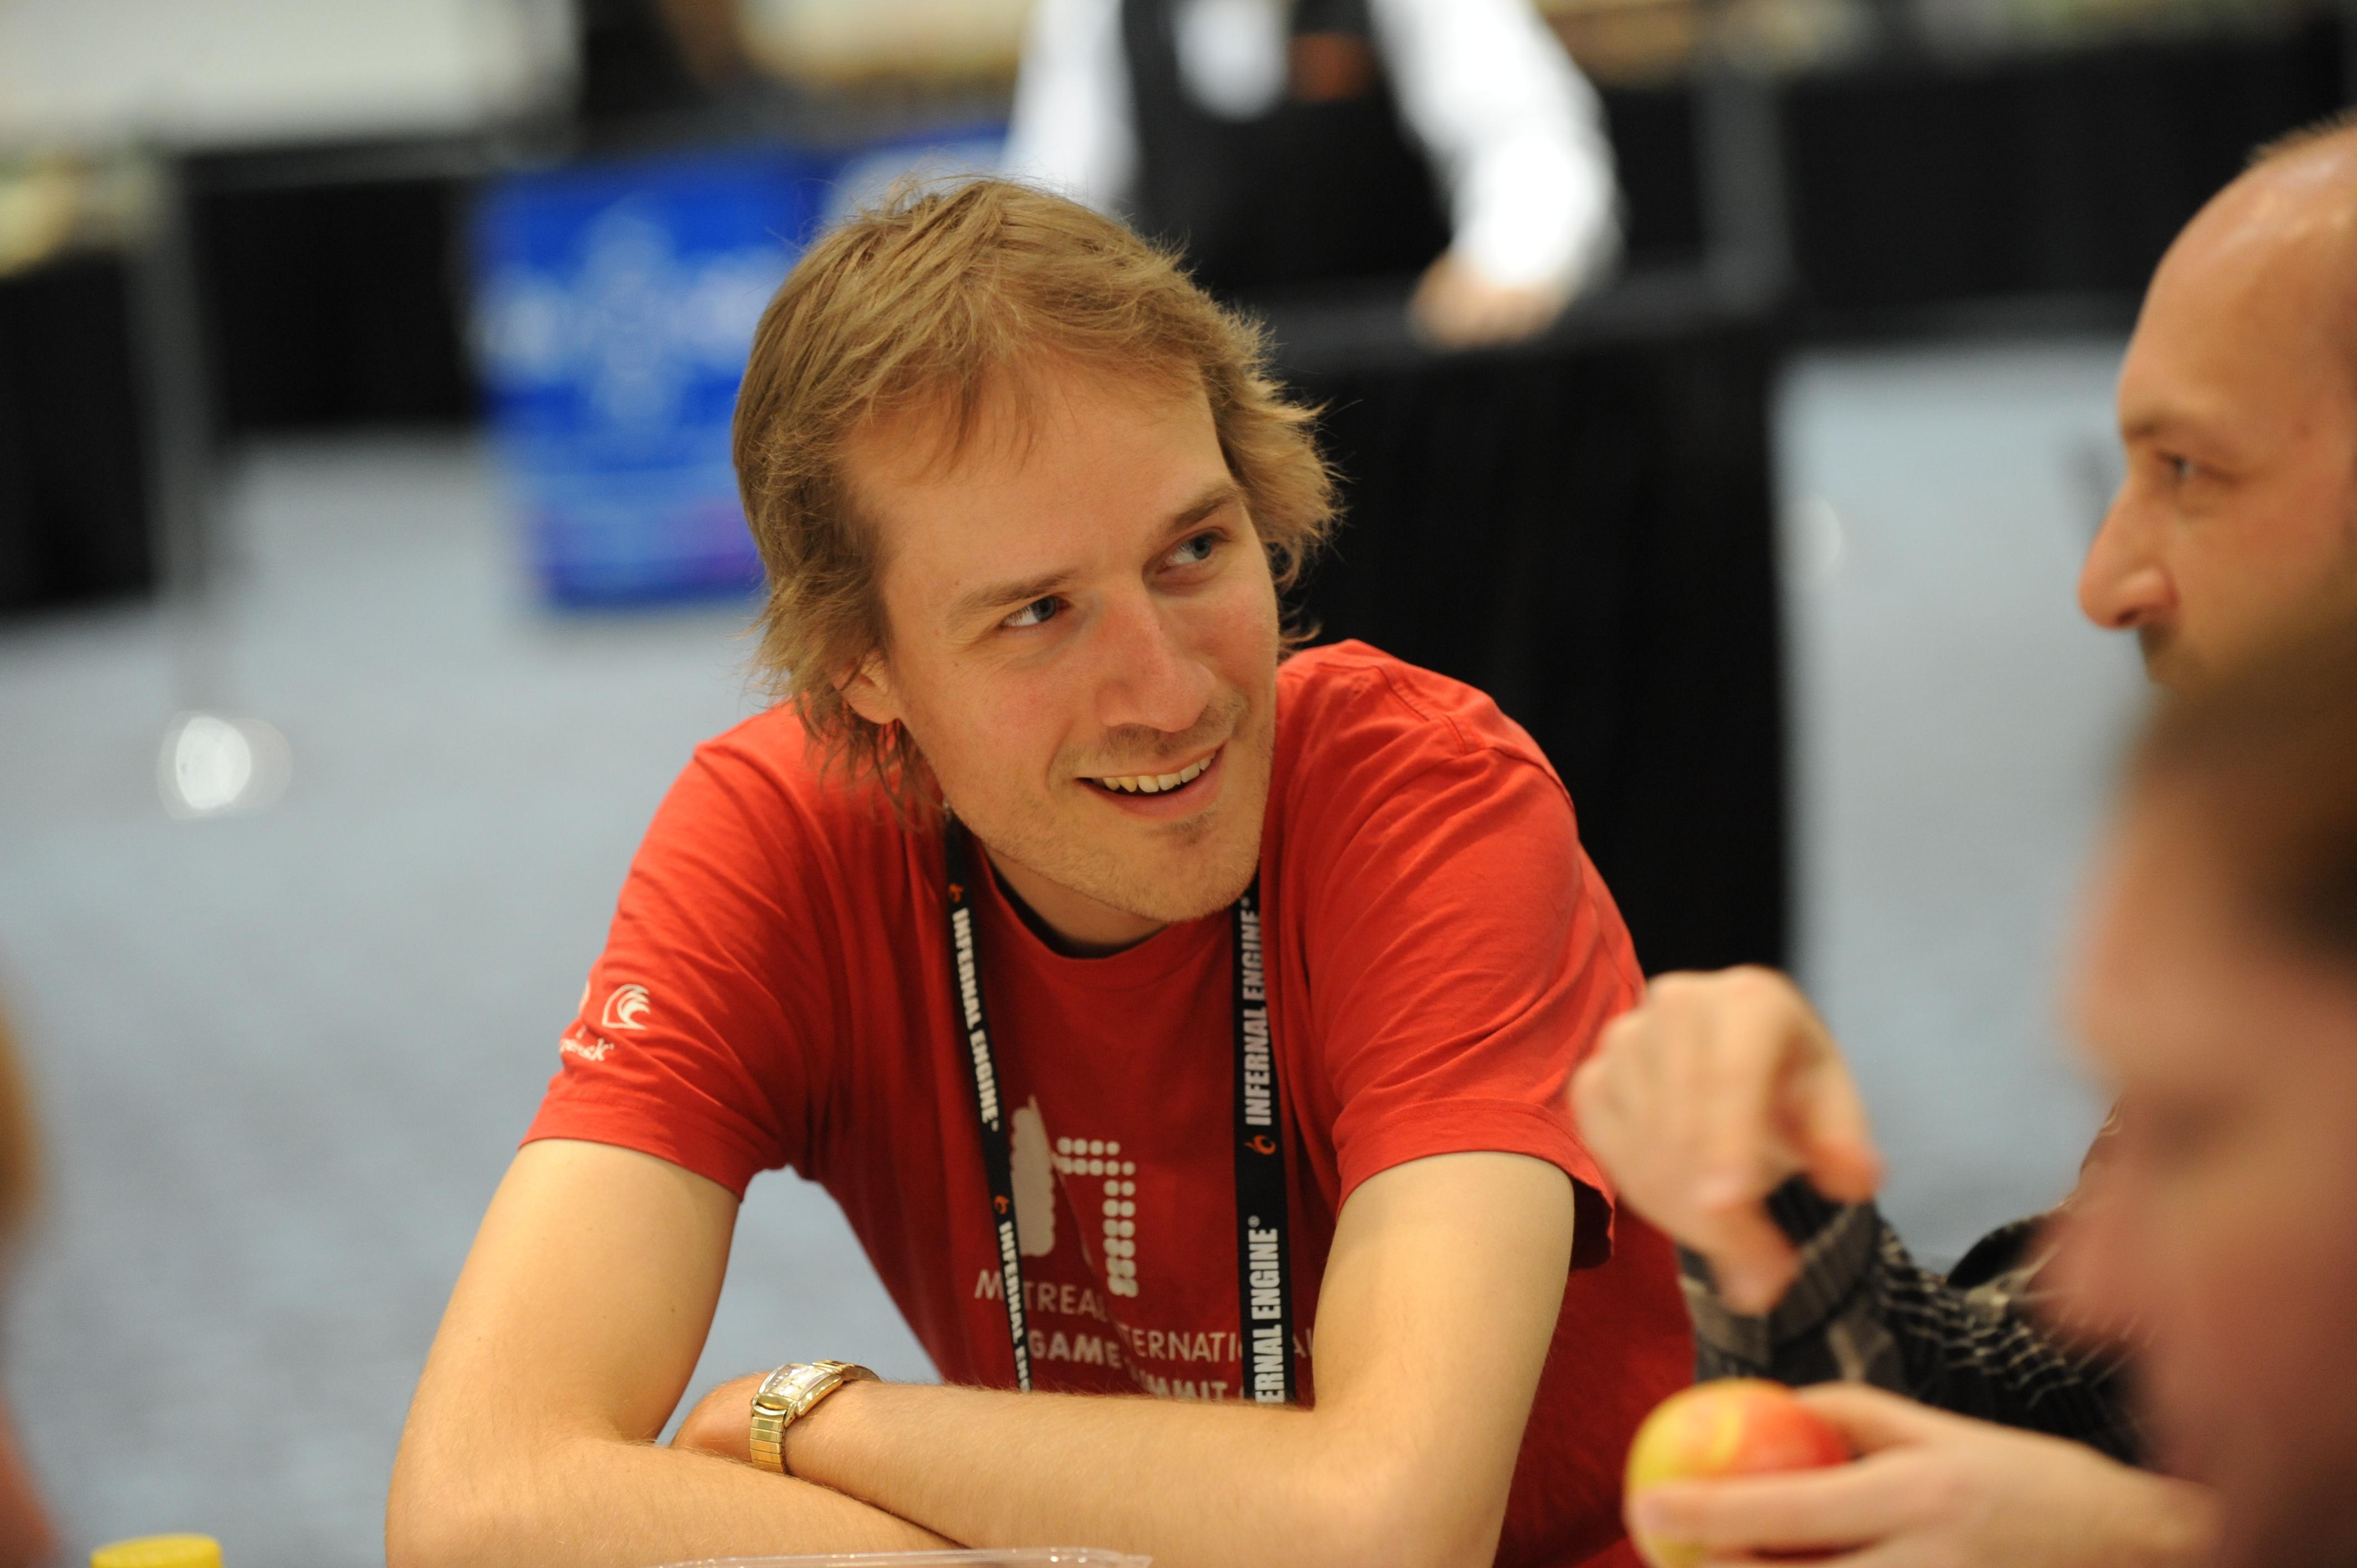 Jason_Rohrer_-_Game_Developers_Conferenc